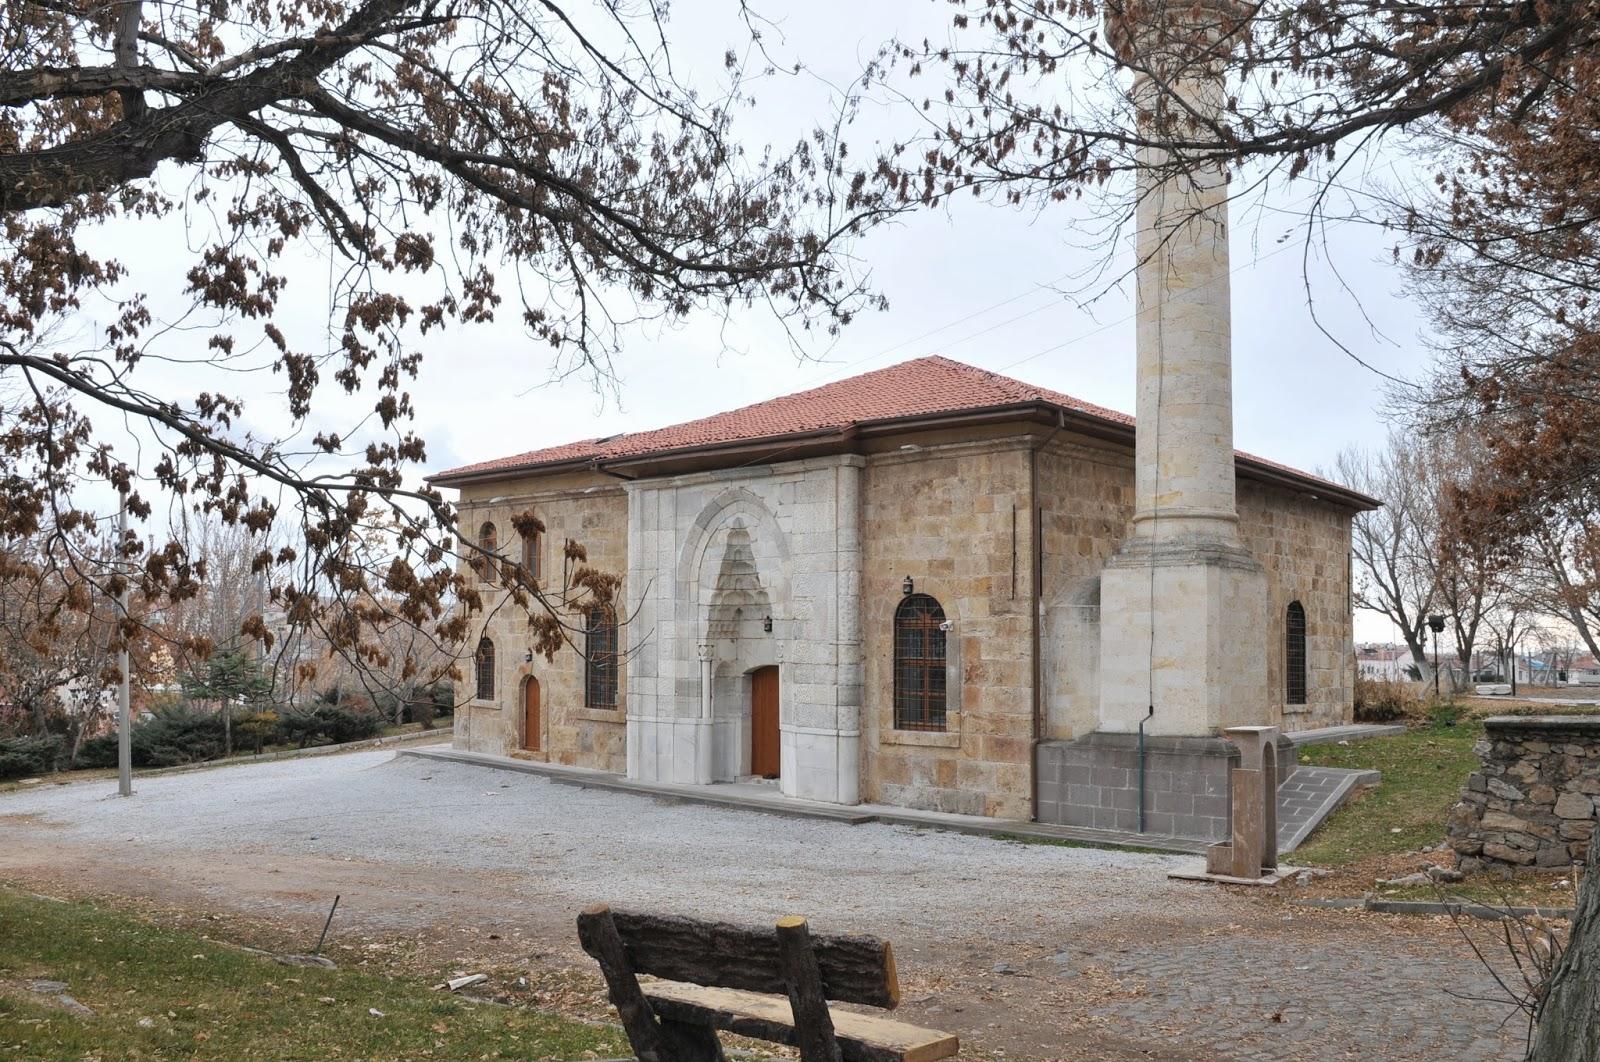 Kırşehir Kale Alaaddin Camii - Kırşehir Sayfası